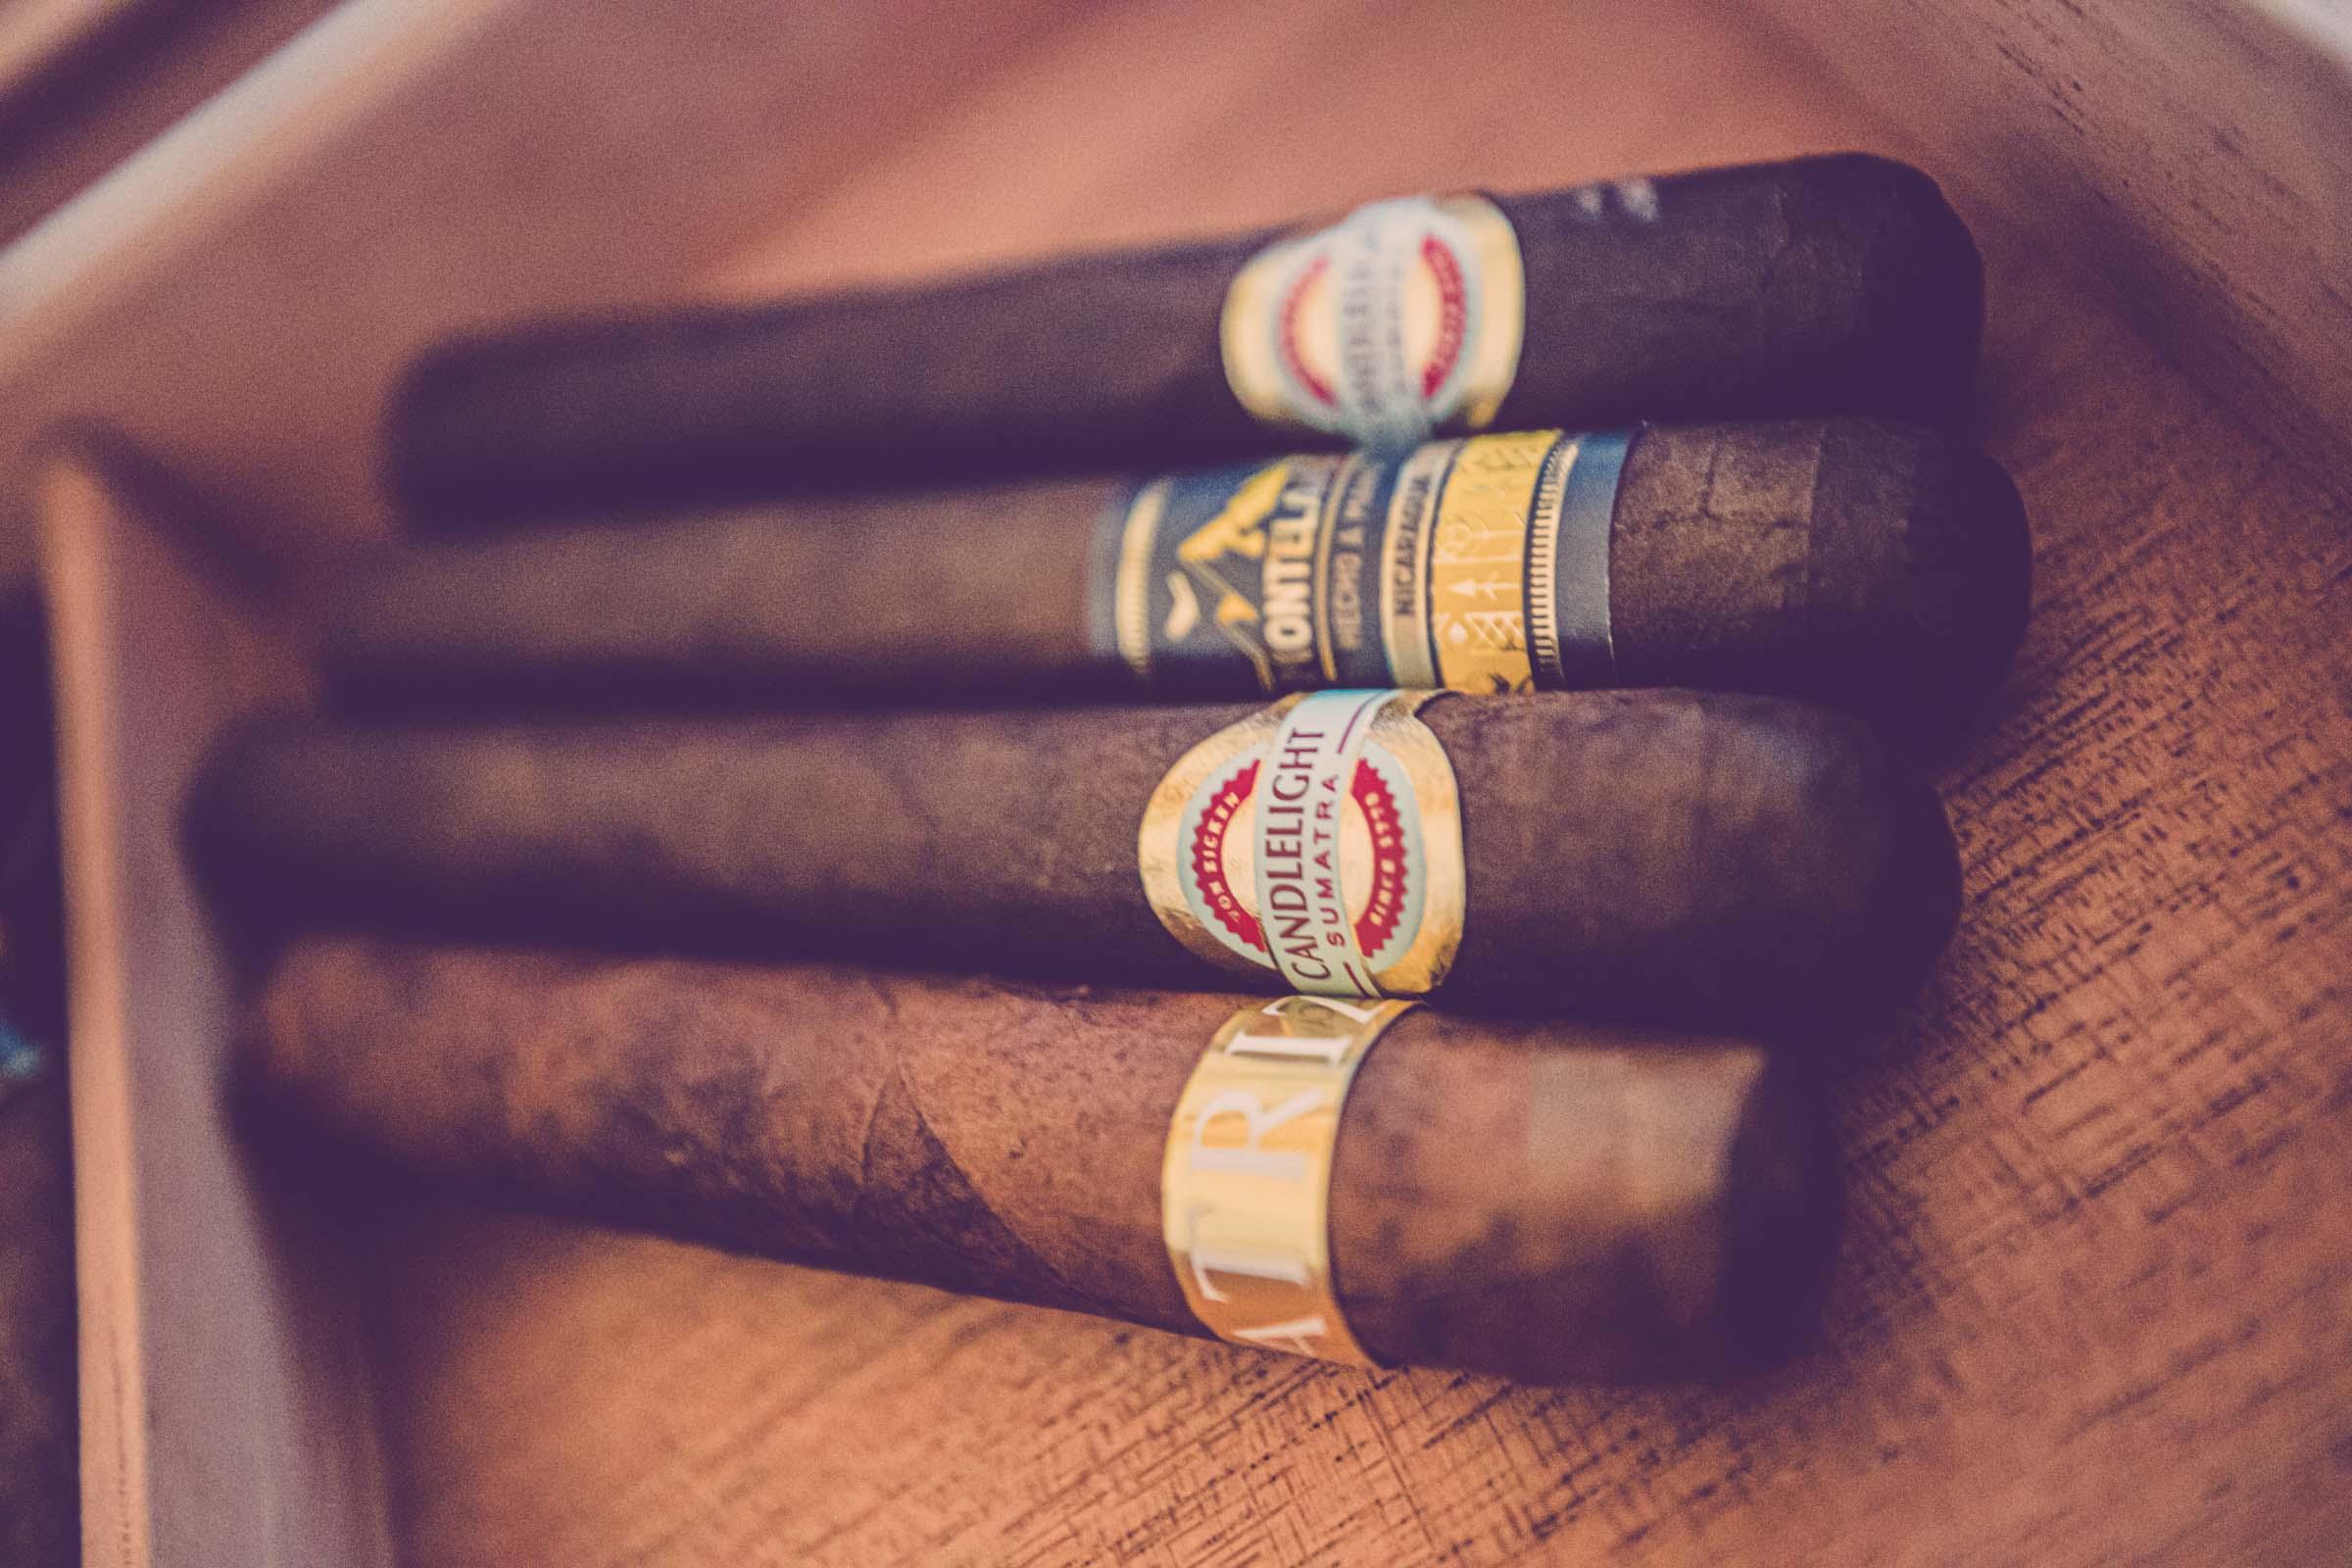 Zigarrenroller - Zigarrendreher Banderole | Bauchbinde | Design | Prägung | | Zigarren | Anfragen |Mieten